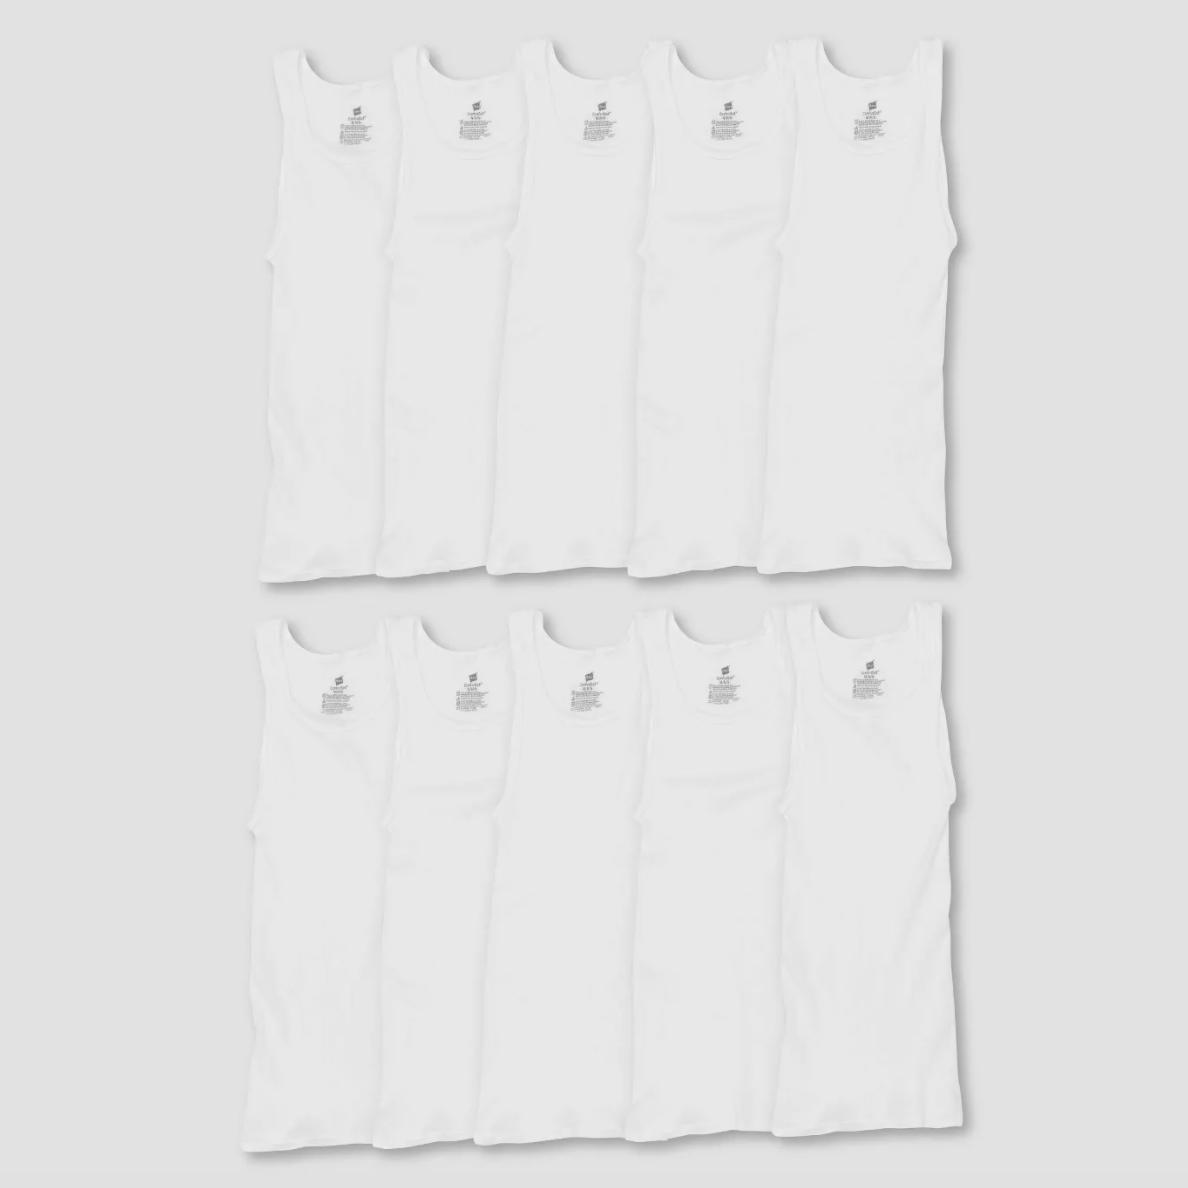 Men's Comfort Soft Super Value 10pk Tank Top